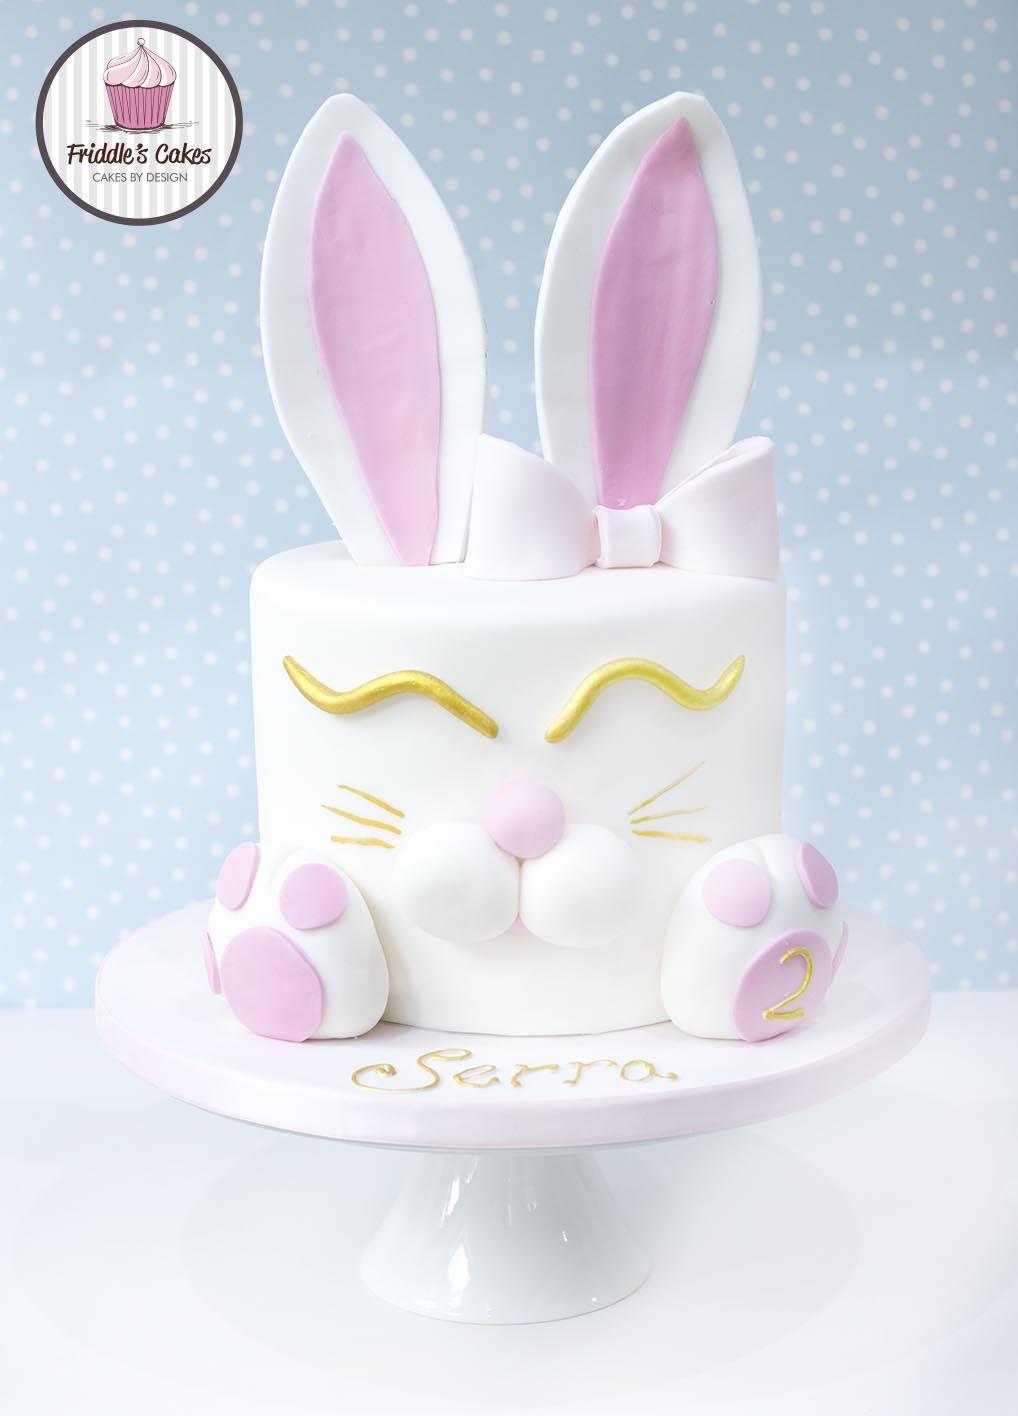 Enjoyable Rabbit Birthday Cake Friddles Cakes Bunny Birthday Cake Birthday Cards Printable Riciscafe Filternl